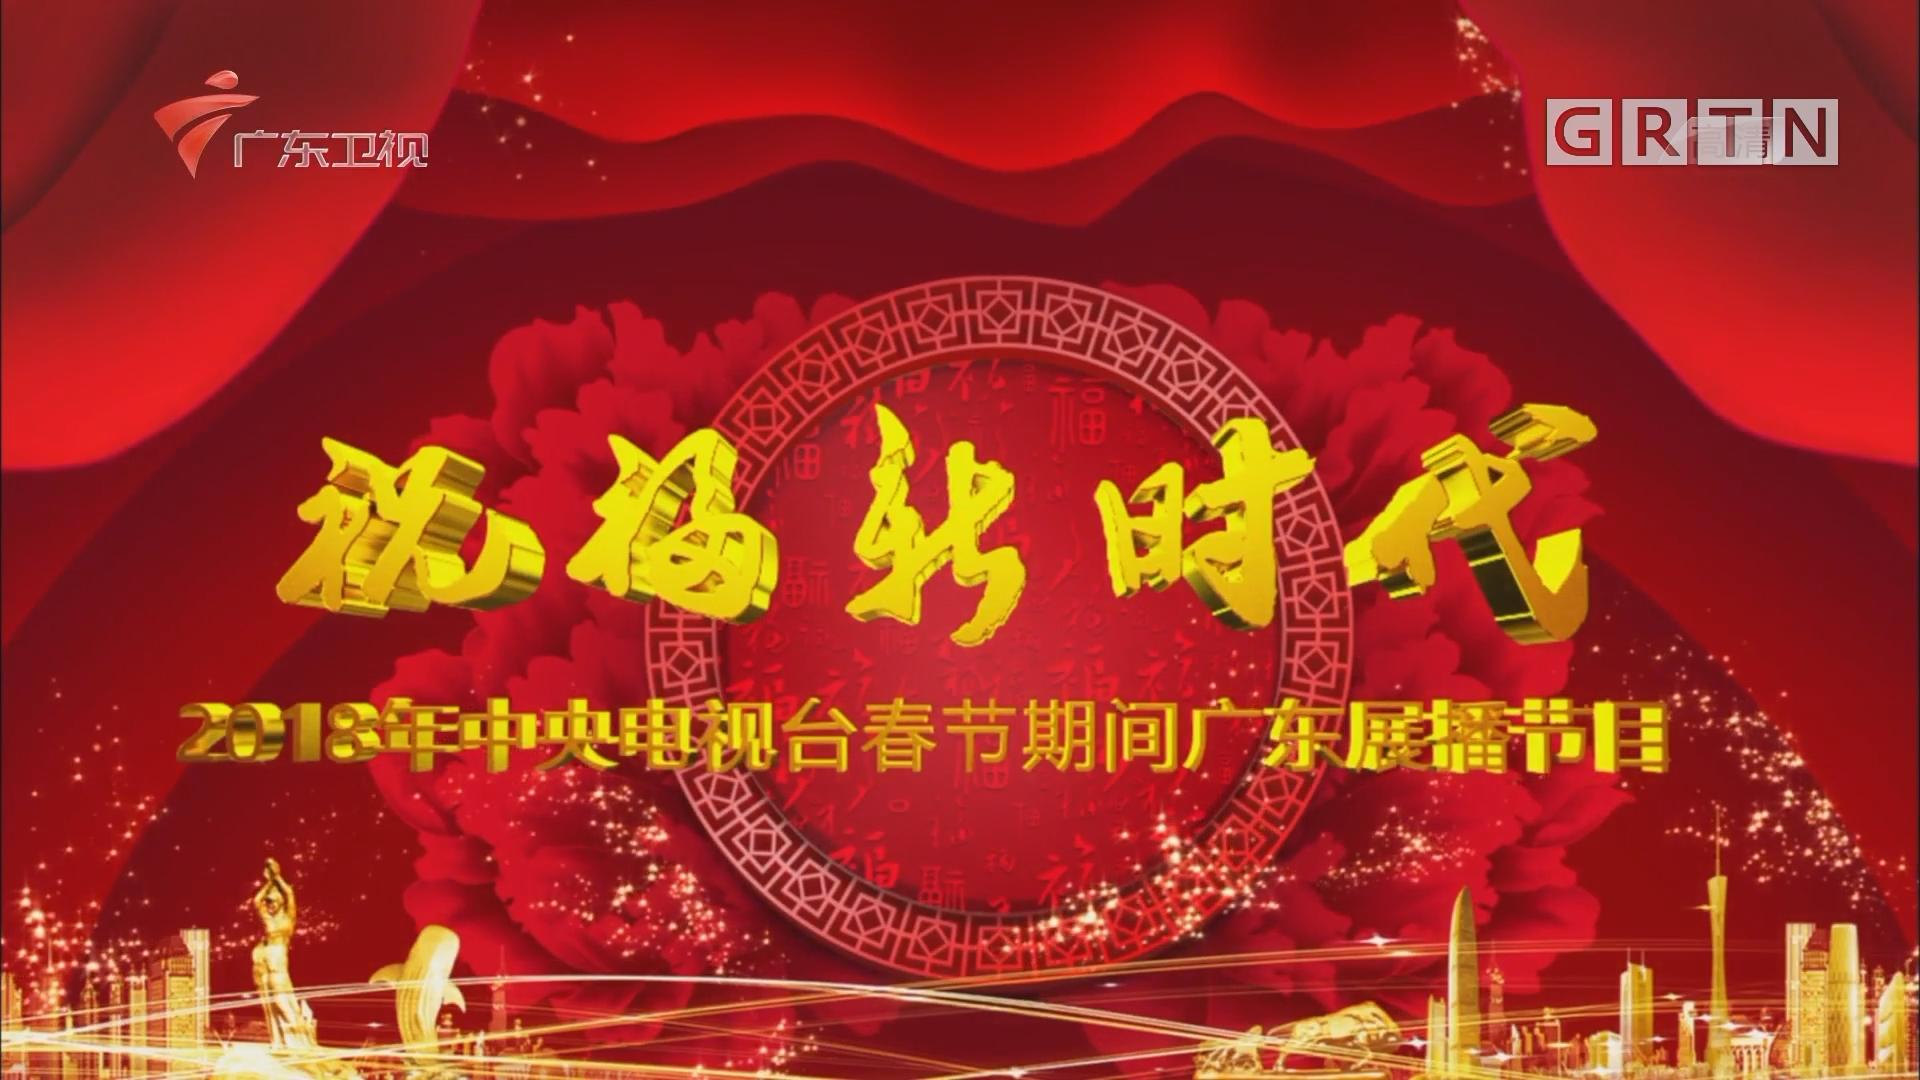 祝福新时代——2018年中央电视台春节期间广东展播节目